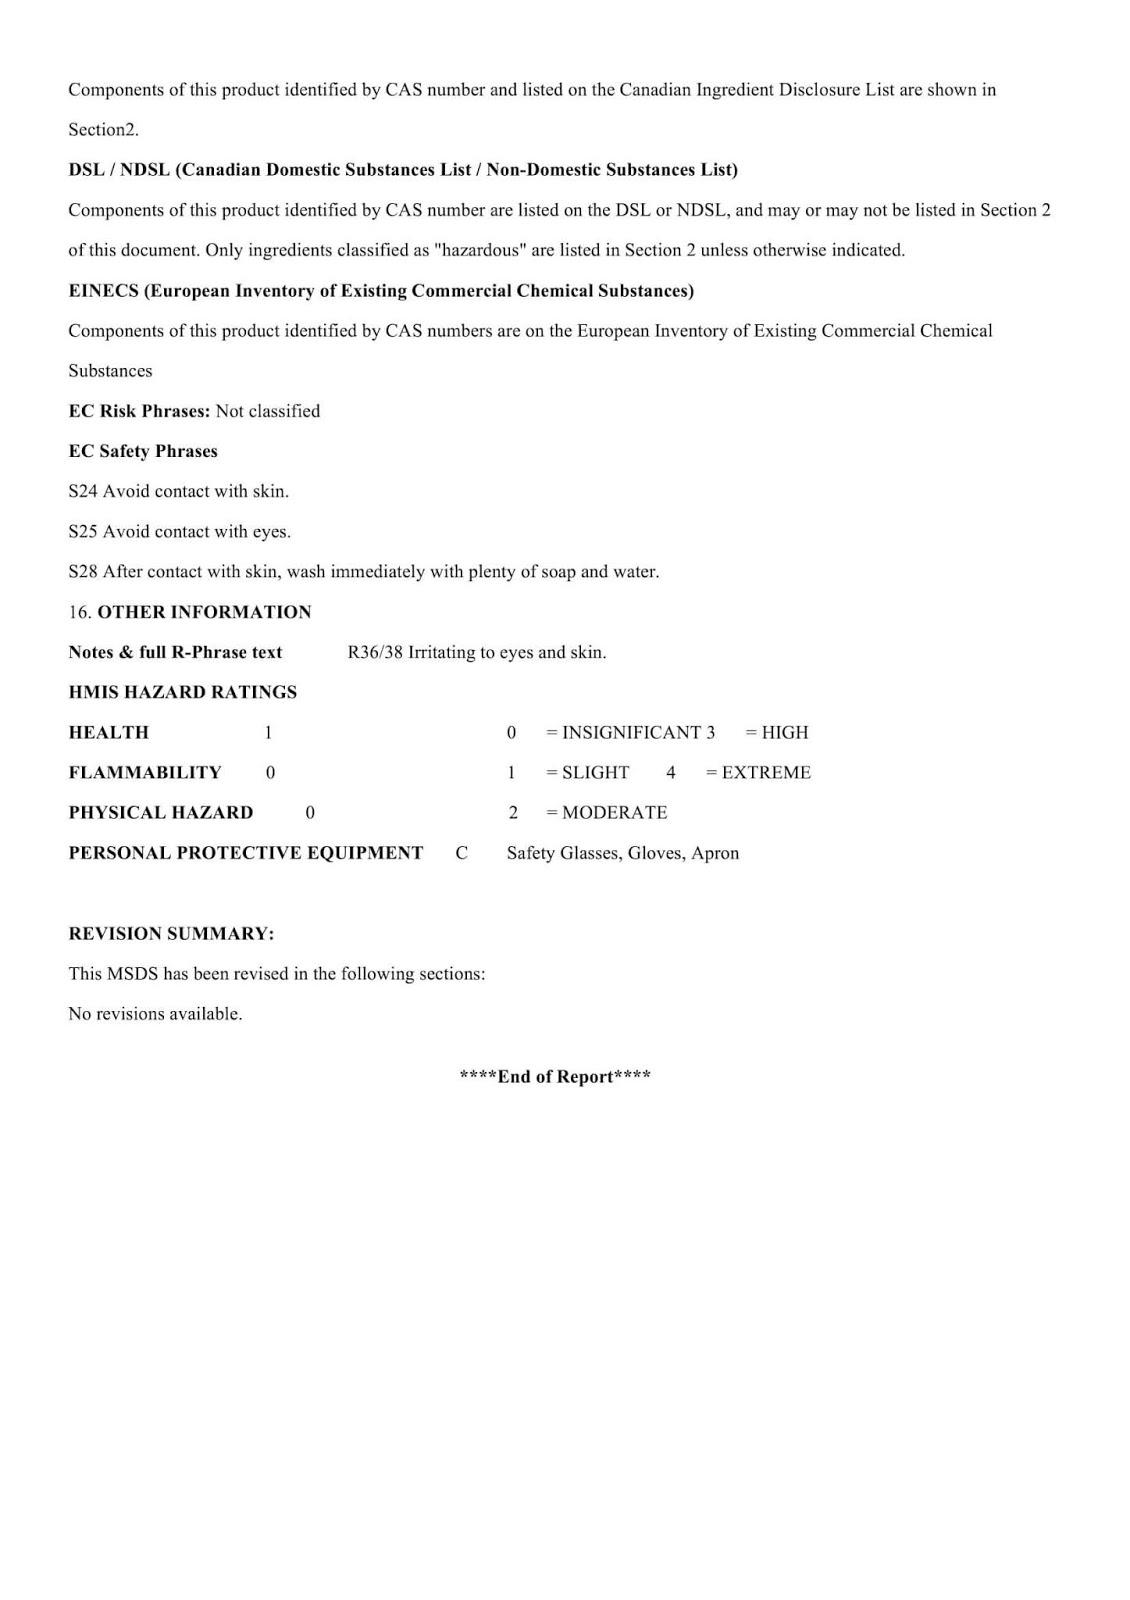 MSDS hoá chất tăng cứng bê tông DG C001 - Trang 5